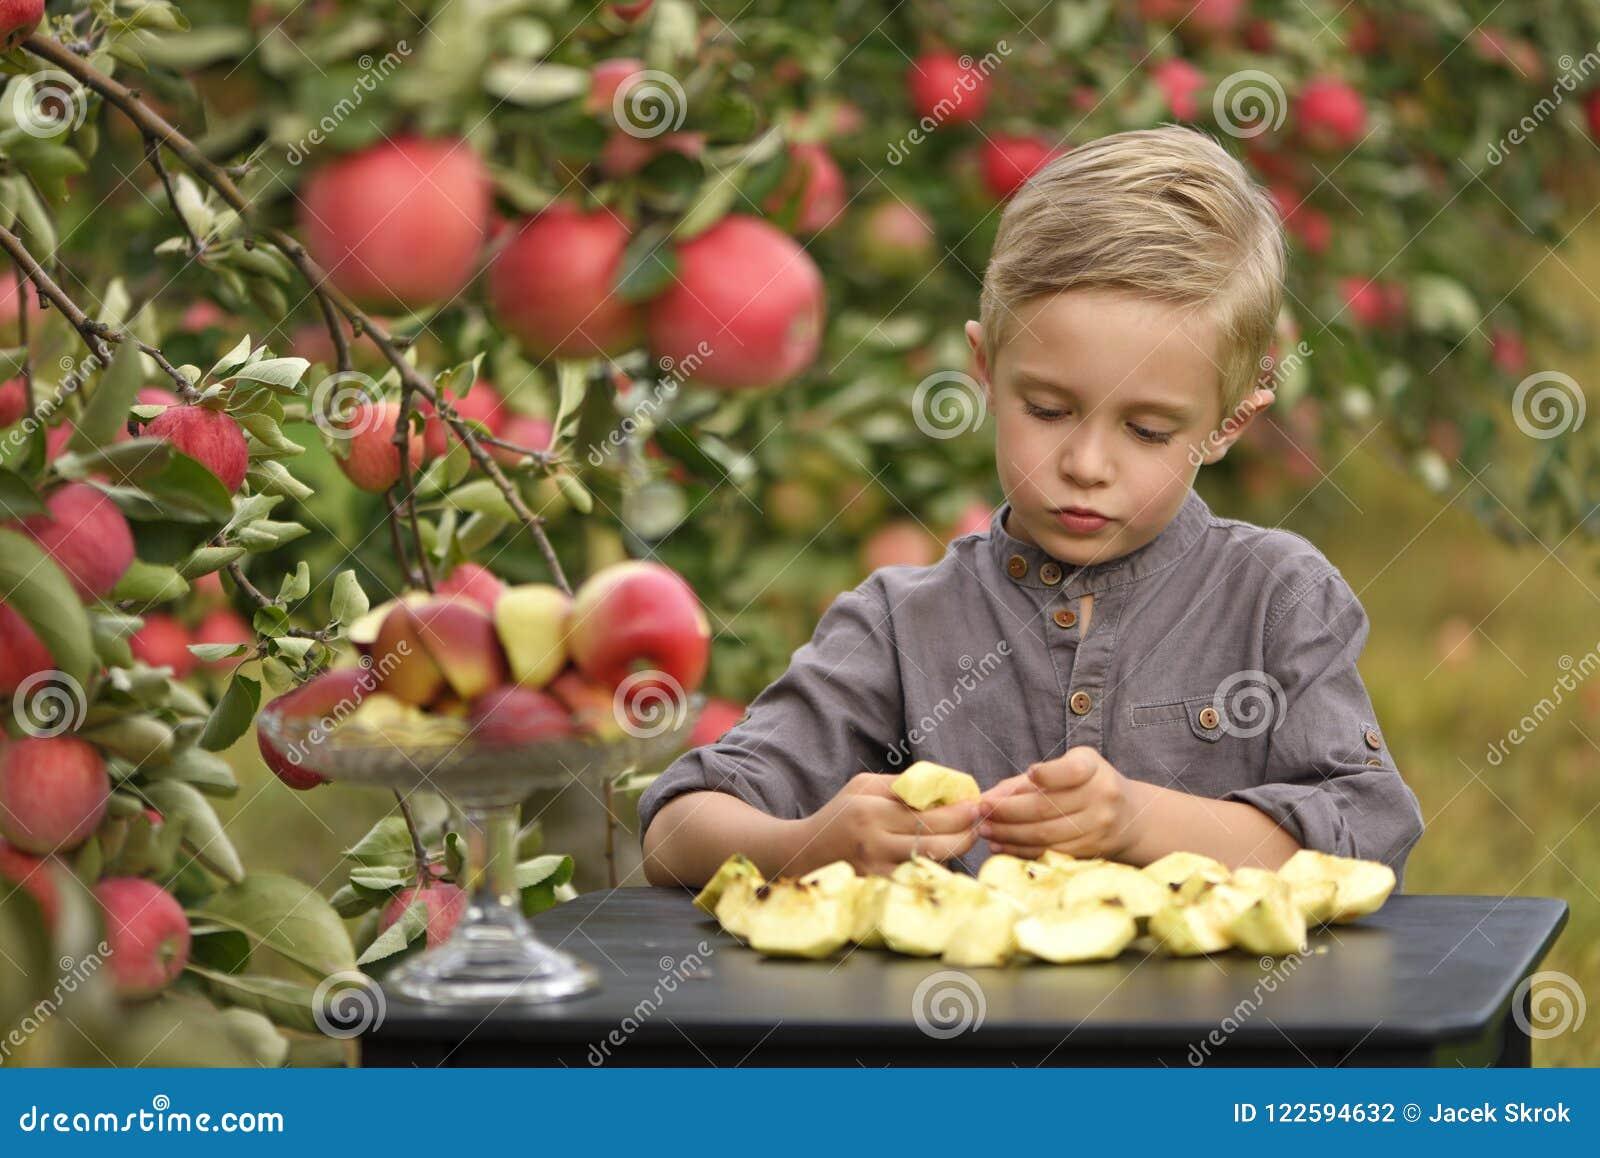 Ένα χαριτωμένο, χαμογελώντας αγόρι επιλέγει τα μήλα σε έναν οπωρώνα μήλων και κρατά ένα μήλο